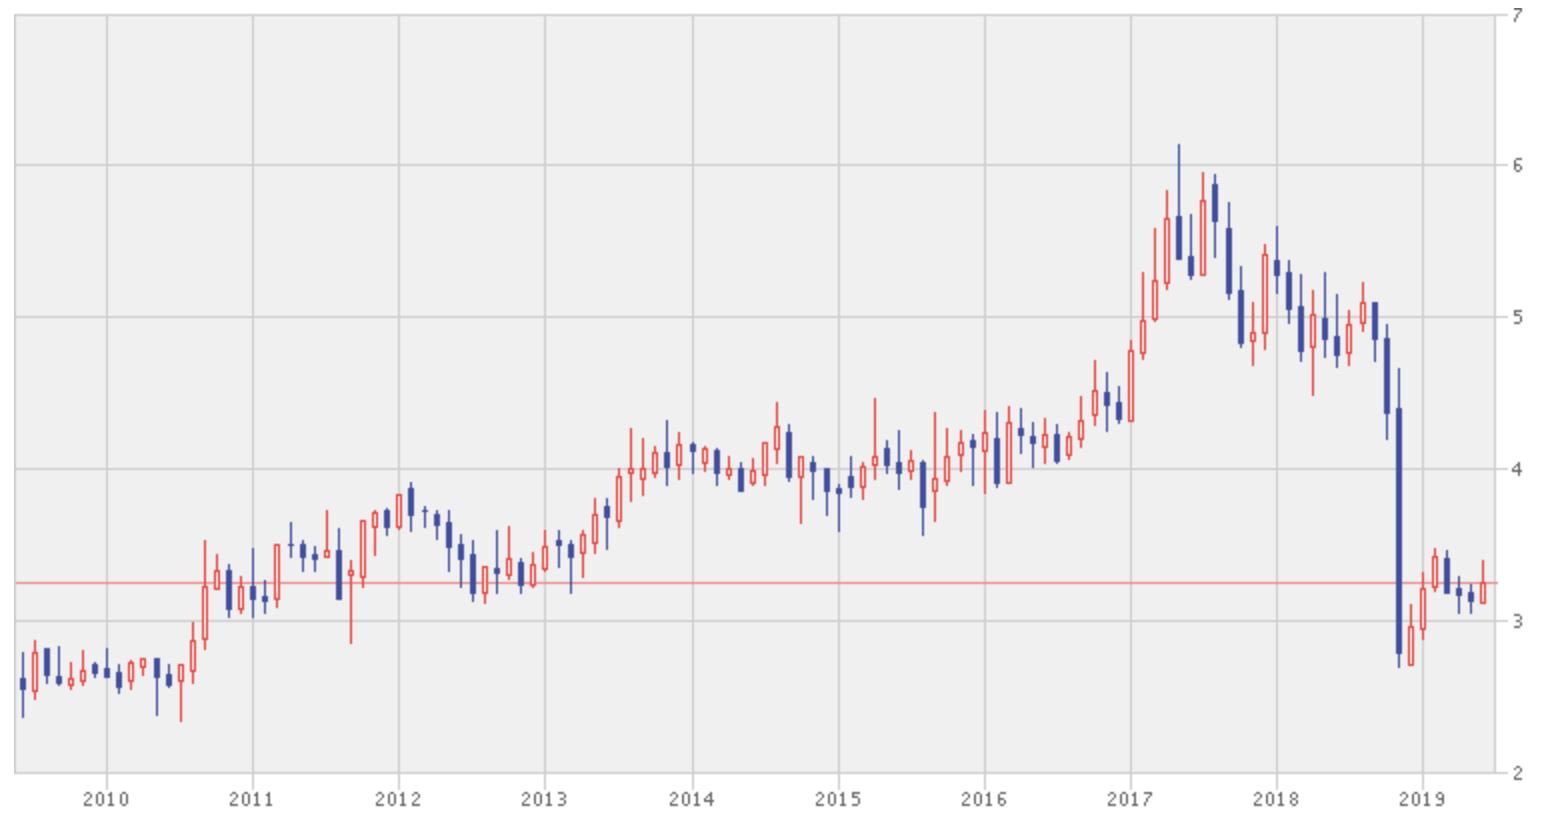 ゲンティンマレーシアの過去10年間の株価推移